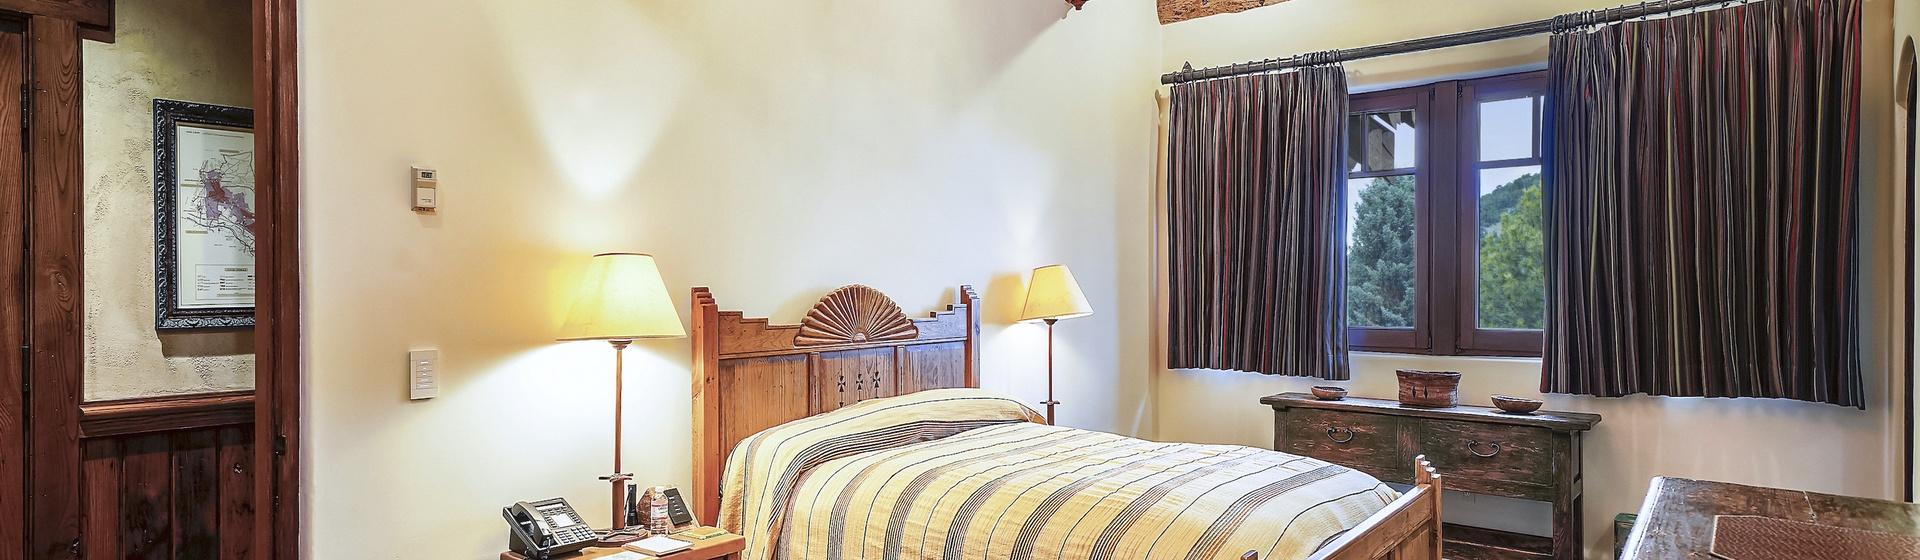 8.11-Telluride-Sleeping-Indian-Ranch-Southwest-Suite-Master-Bedroom-F-web.JPG